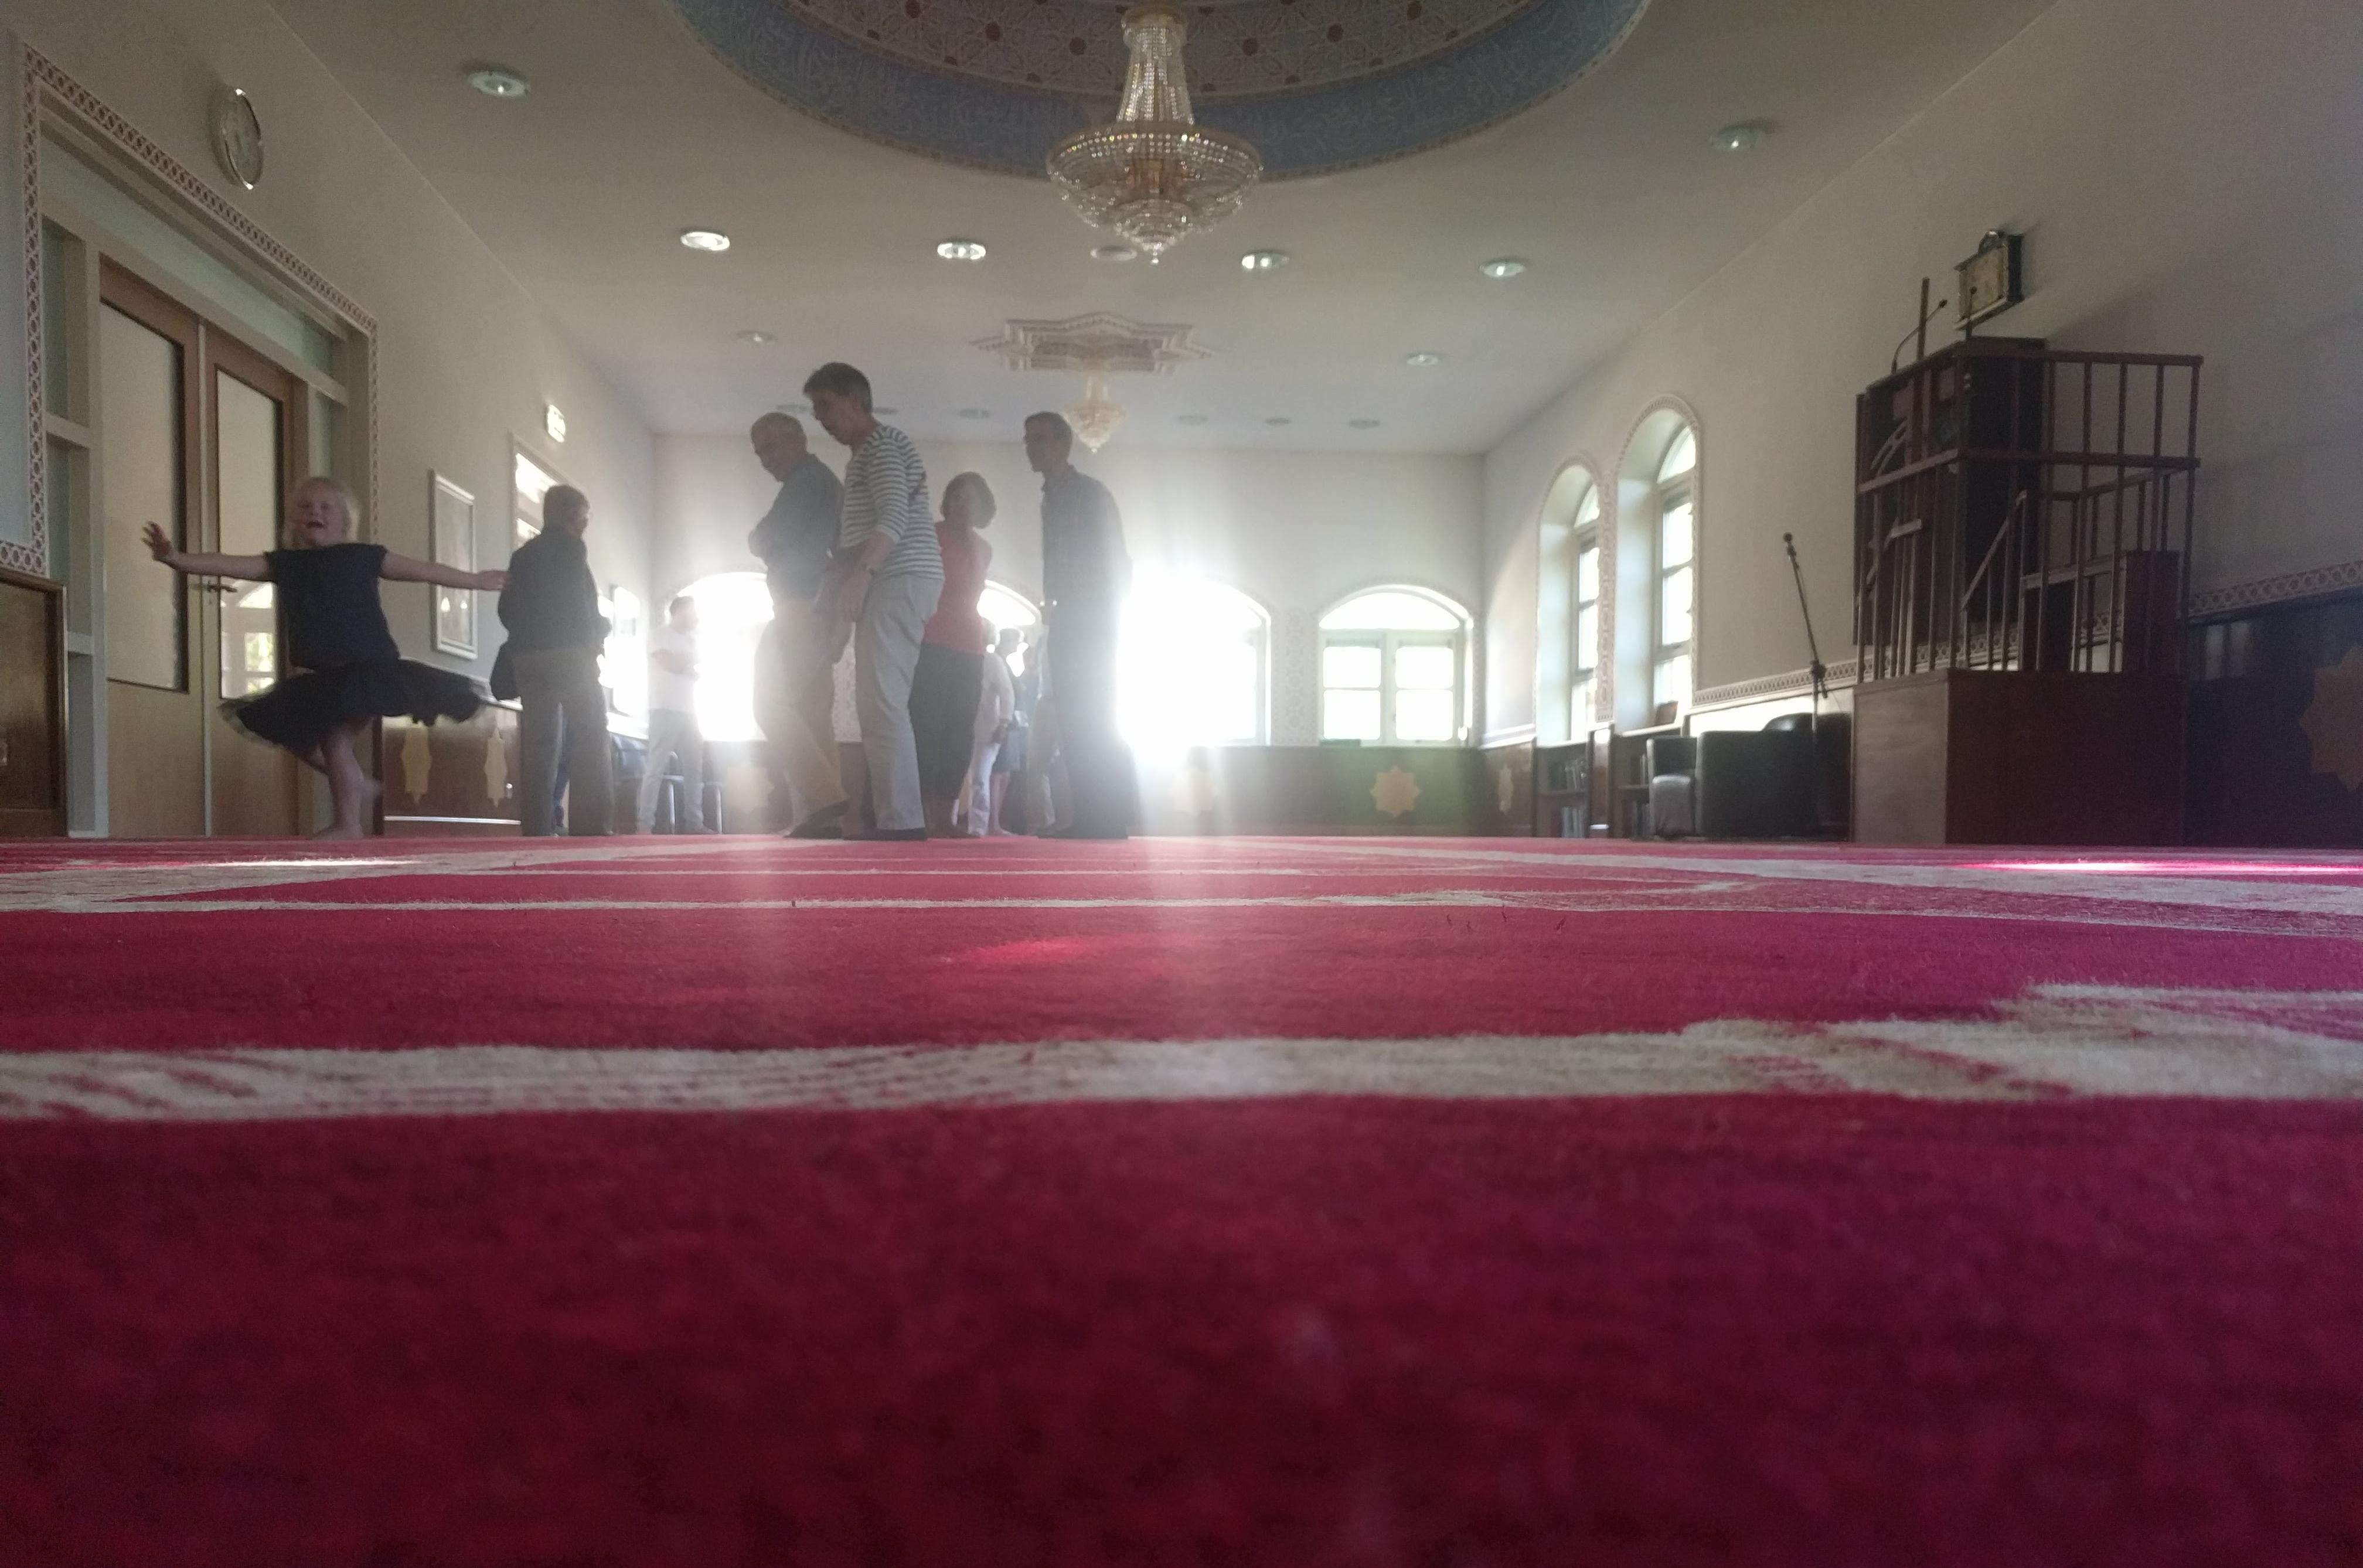 Buurt neemt een kijkje in de Driebergs-Marokkaanse moskee aan de Akkerweg, op de open dag van 5 mei 2018